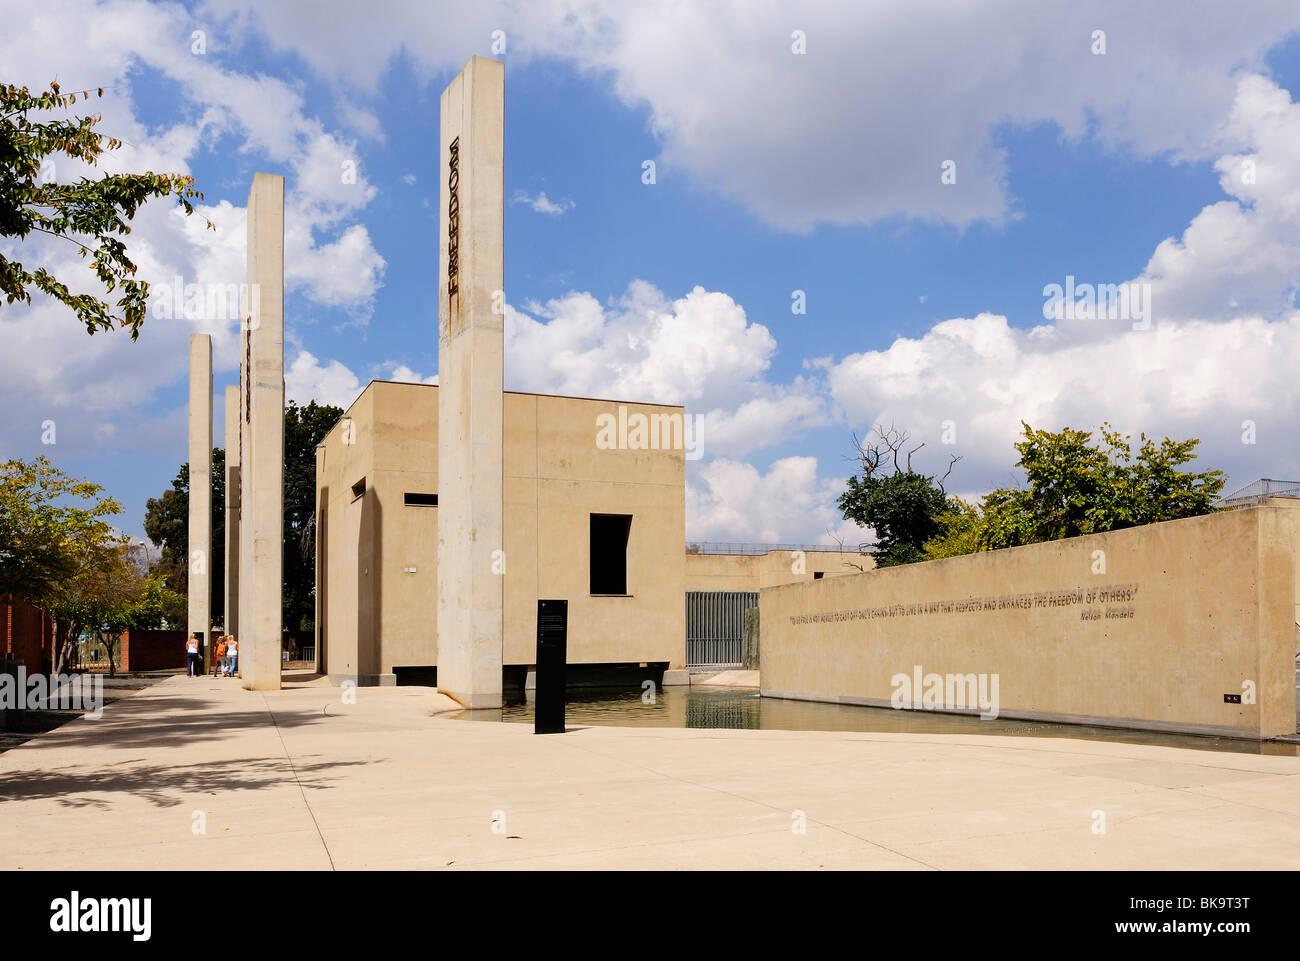 Musée de l'apartheid à Johannesburg, Afrique du Sud Photo Stock